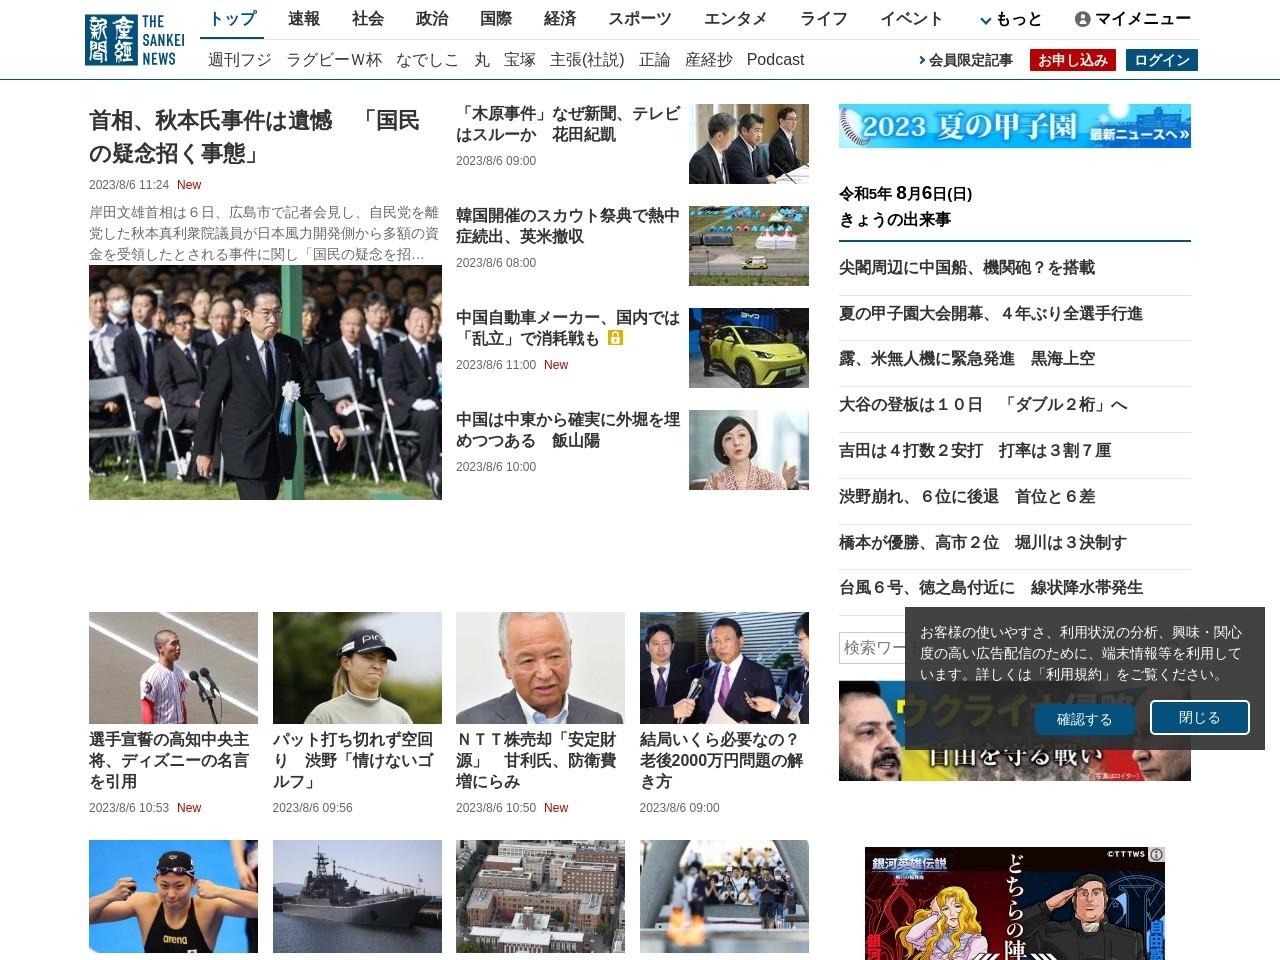 魅力度ランキング最下位の茨城知事「このタイミングは遺憾」 台風19号被害に絡め不快感